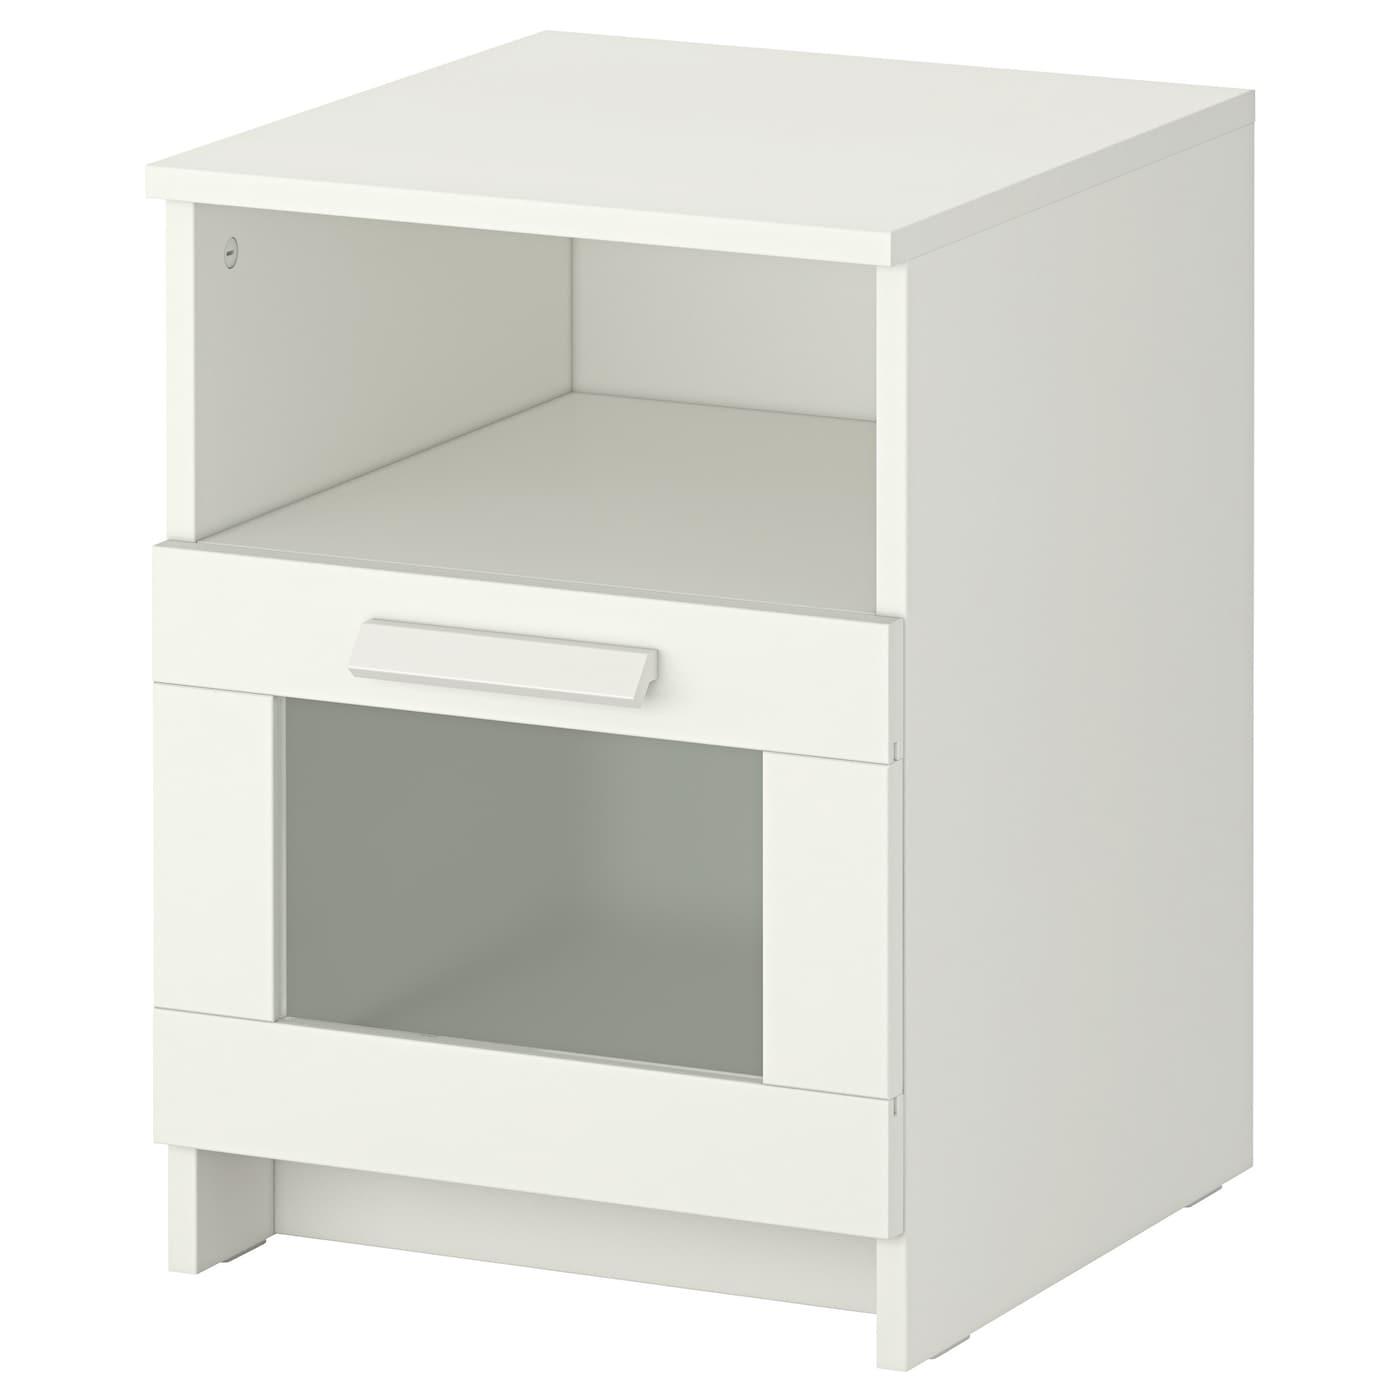 BRIMNES Bed frame w storage and headboard White leirsund Standard